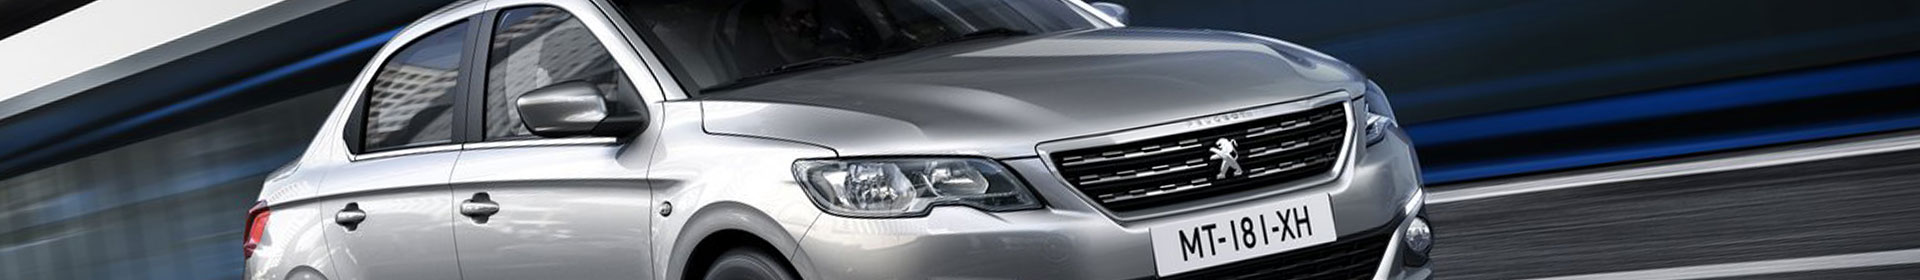 Auto Louwes nieuwe en gebruikte auto's - Nieuwe auto's